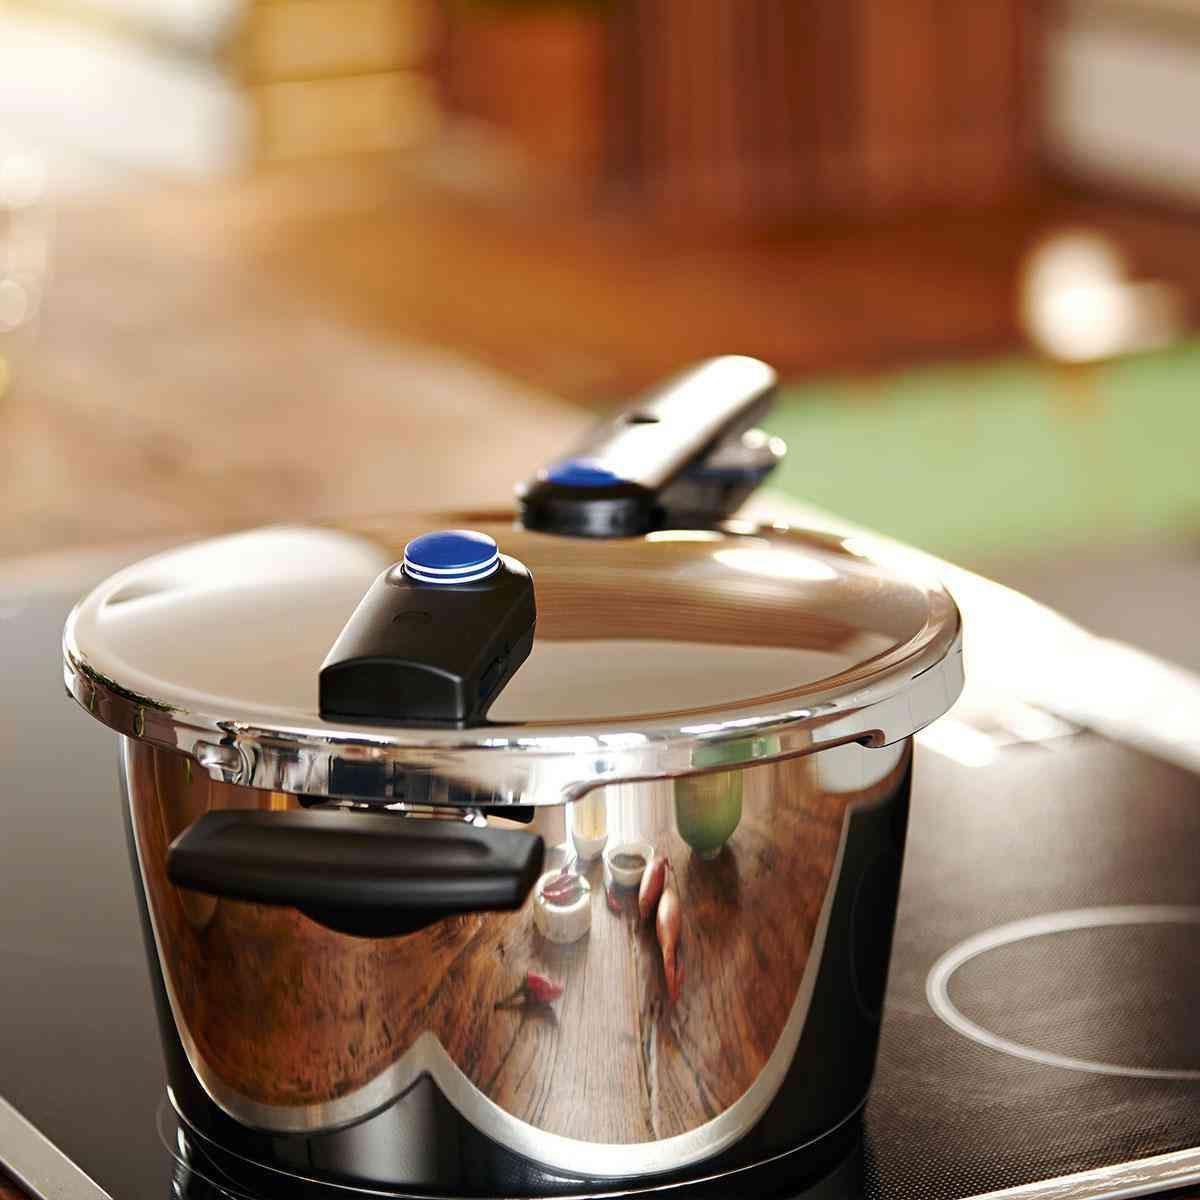 vitaquick® Pressure Cooker, 4.8 Quart